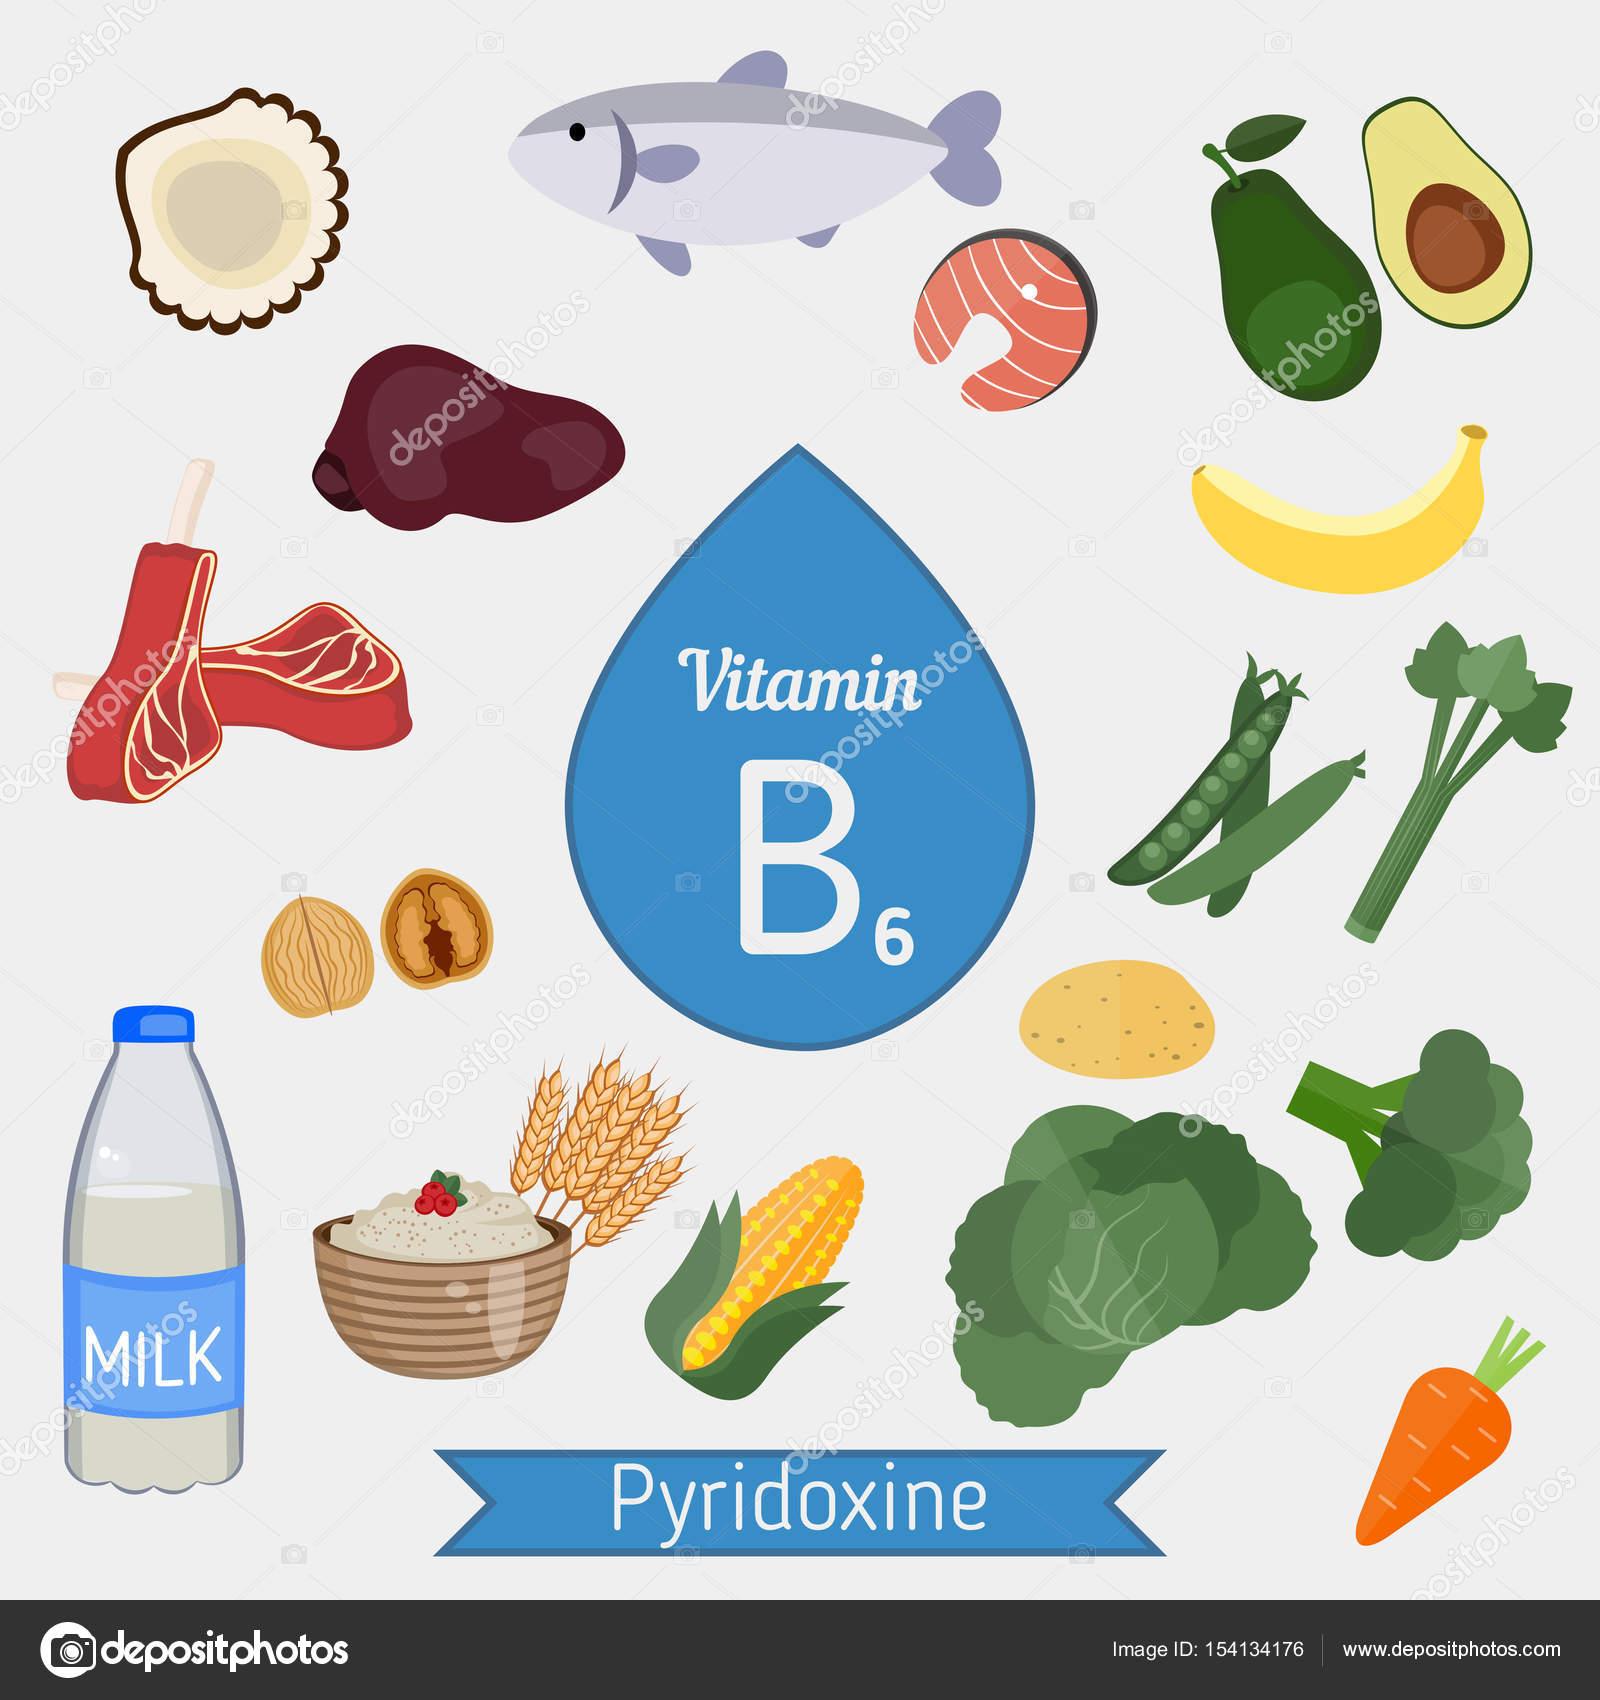 ビタミン B6、ピリドキシンのイ...